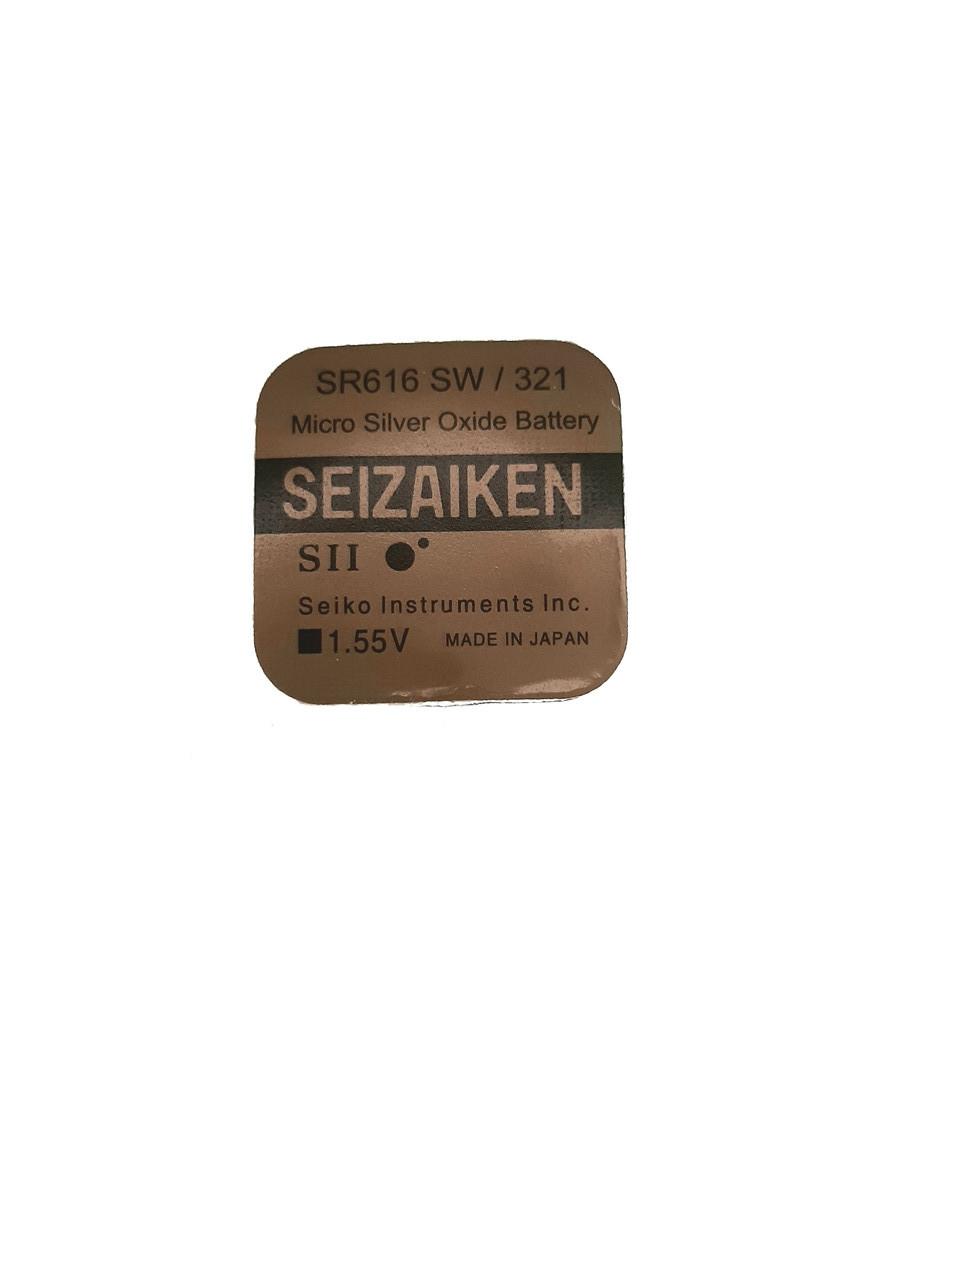 Батарейка для наручних годинників SEIZAIKEN SR616SW (321) 1.55 V 16mAh 6.8x1,65mm Серебрянно-цинкова